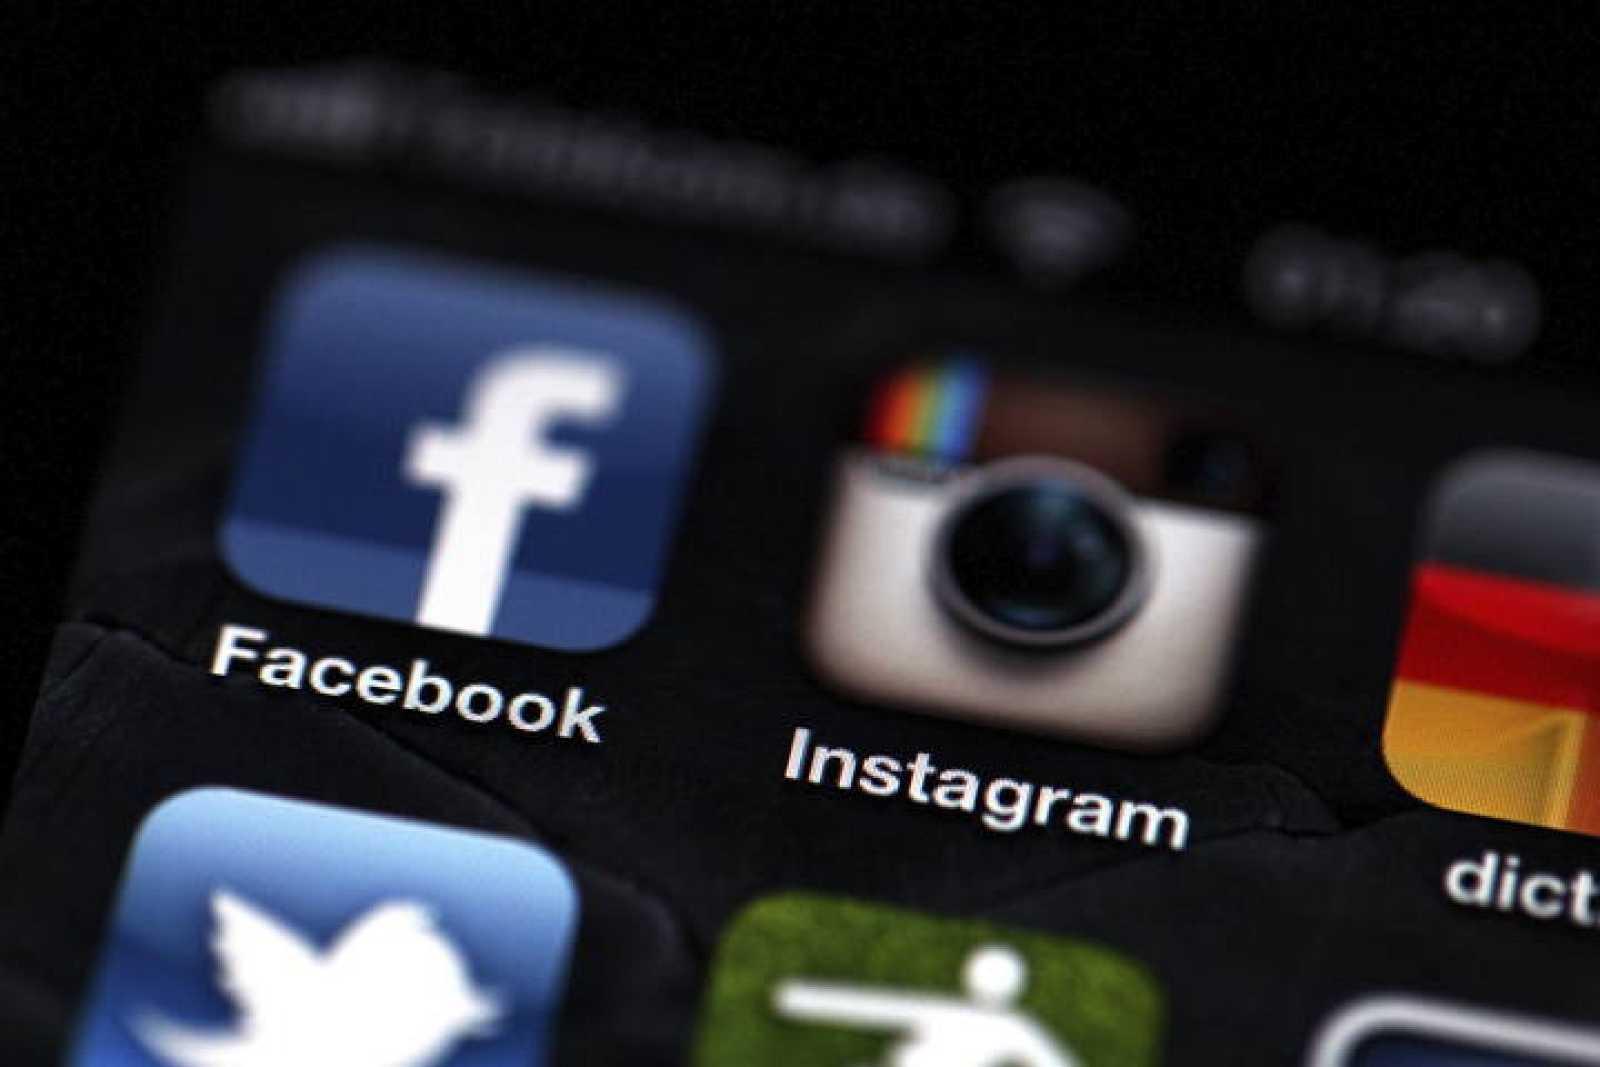 Tras varios meses, la compra de Instagram por parte de Facebook ya se ha cerrado oficialmente